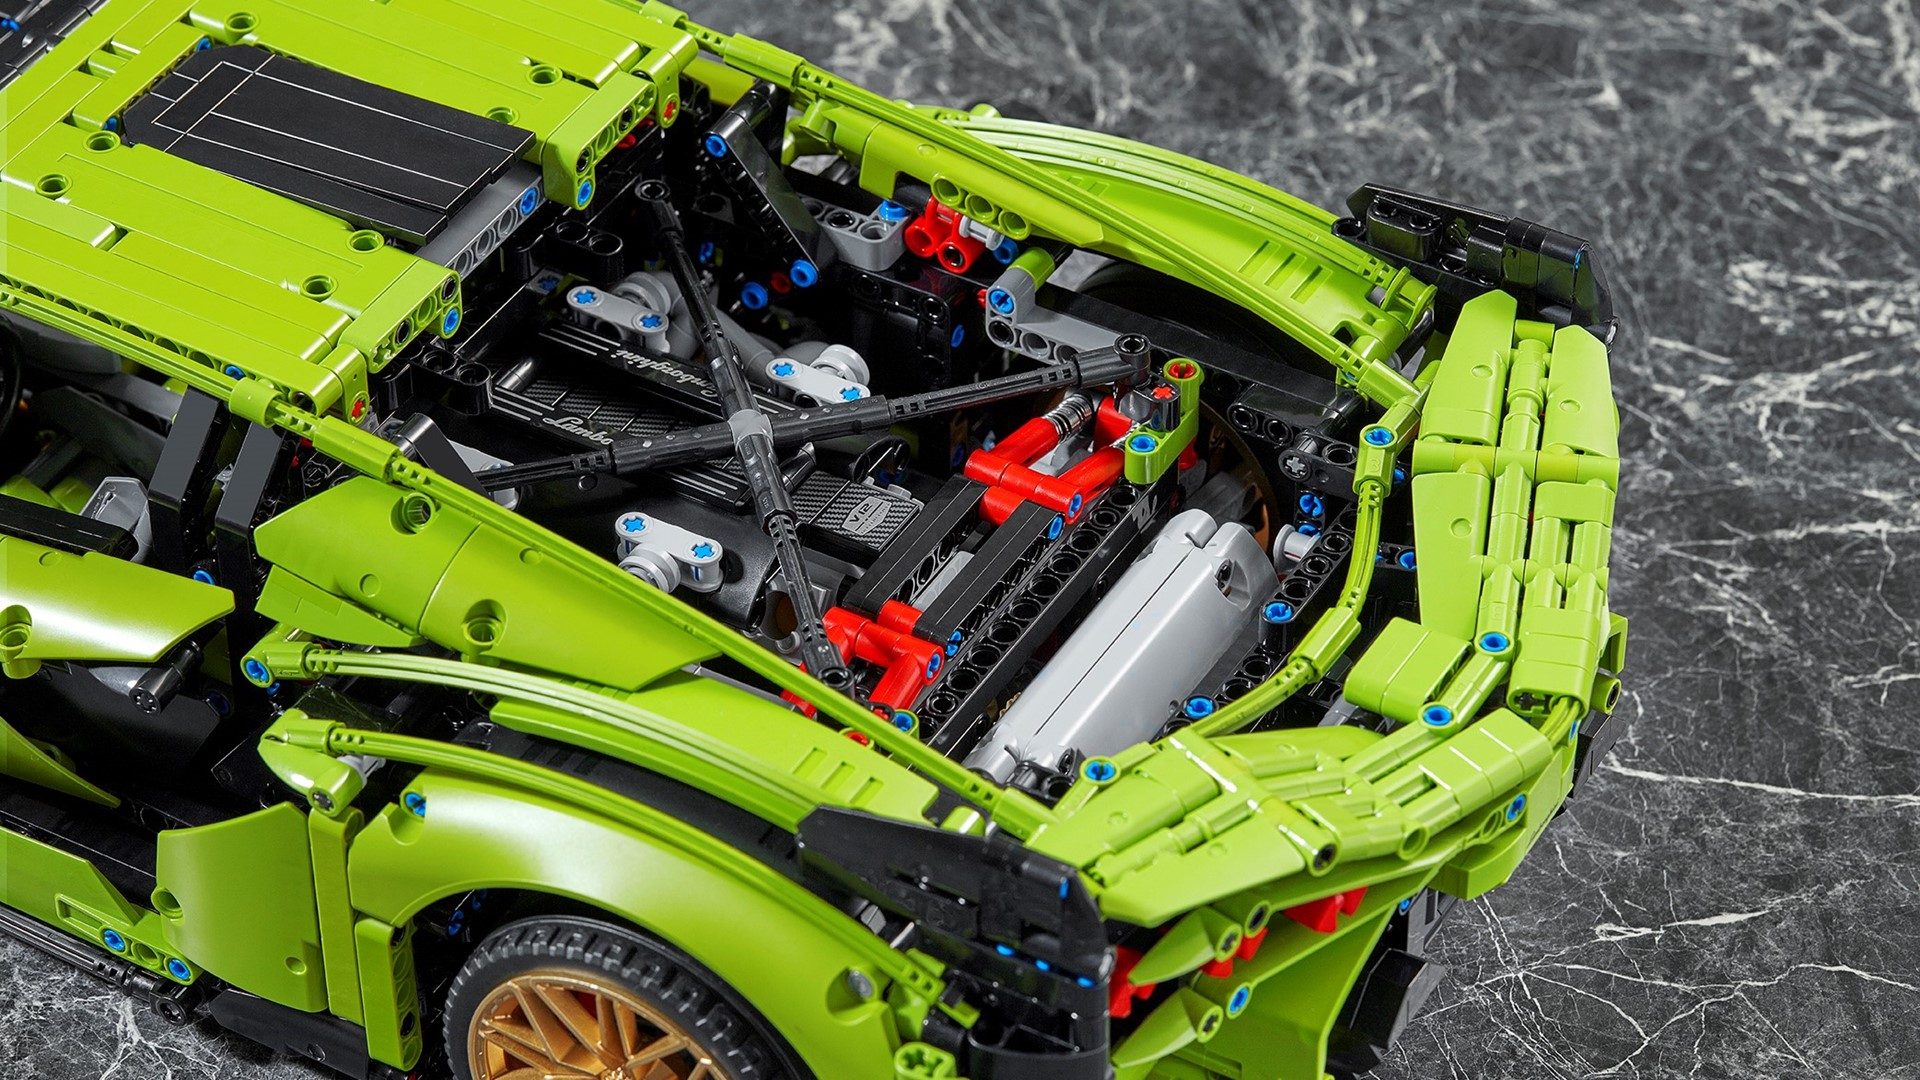 Automobili Lamborghini and the LEGO Group recreate the Lamborghini Sián FKP 37: the most powerful Lamborghini produced, in LEGO® Technic™ - Image 4